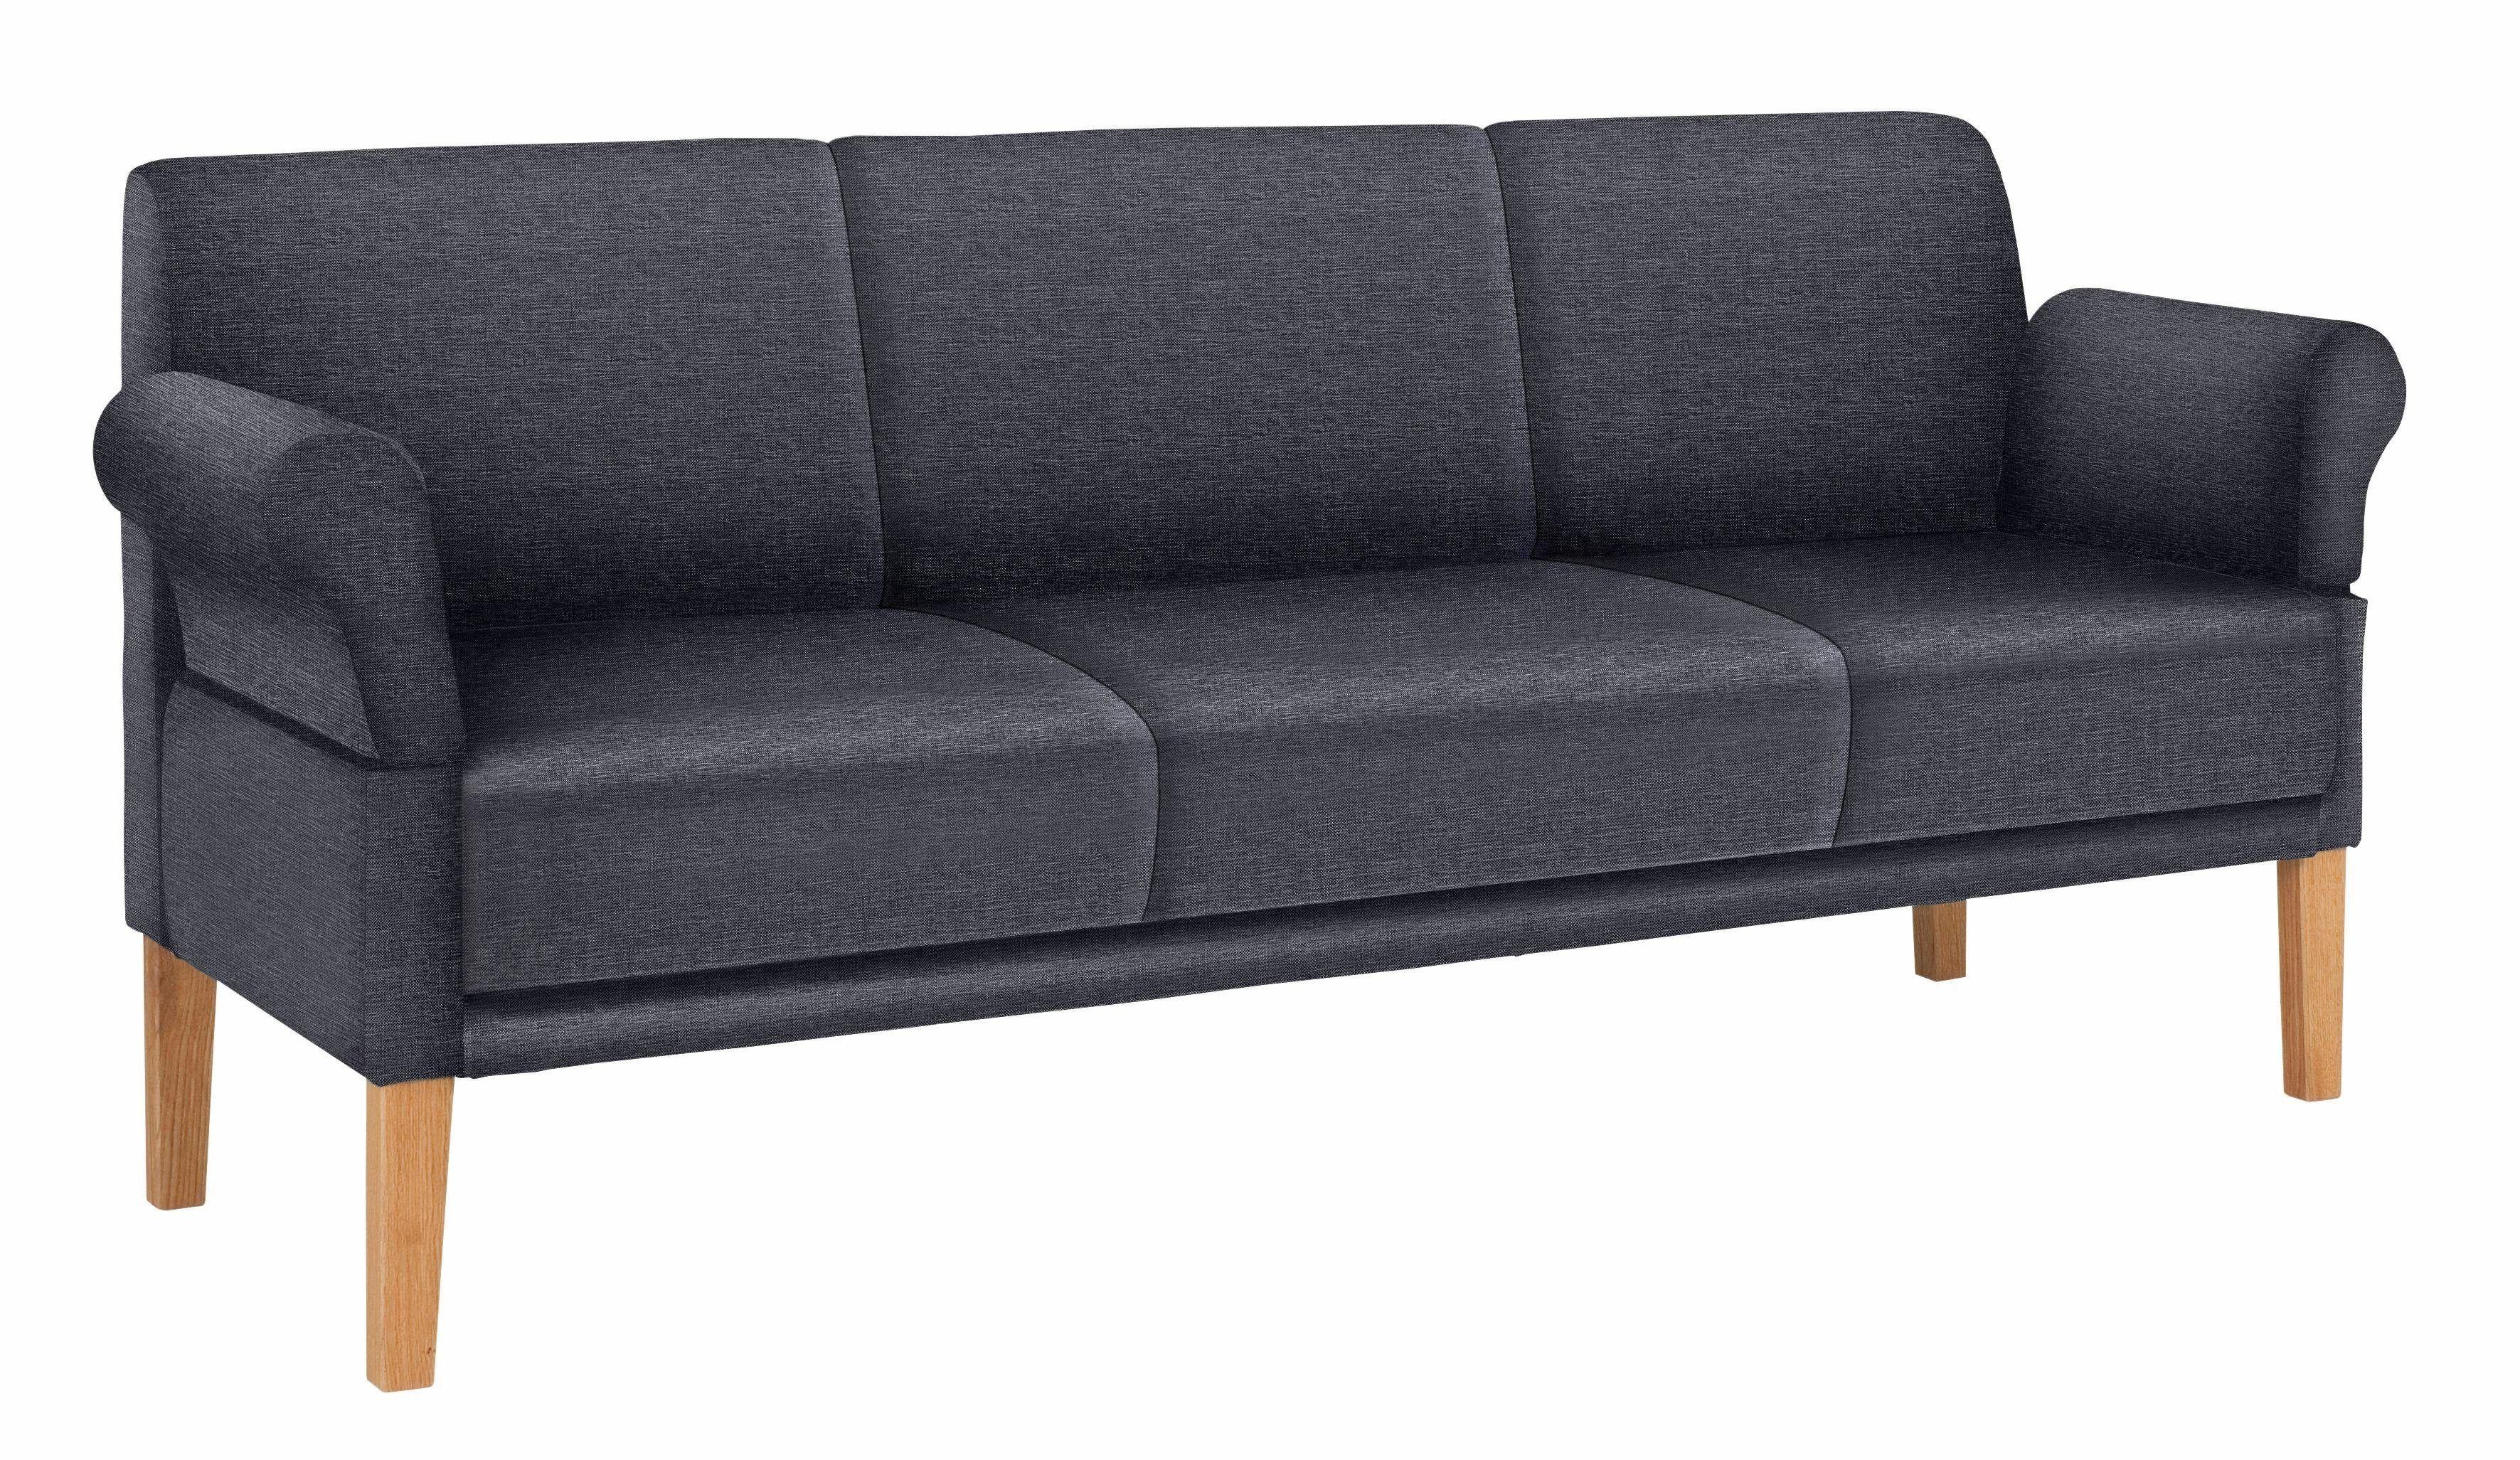 reposa Tischsofa grau 2 Sitzer Breite 160cm Cottage Jetzt